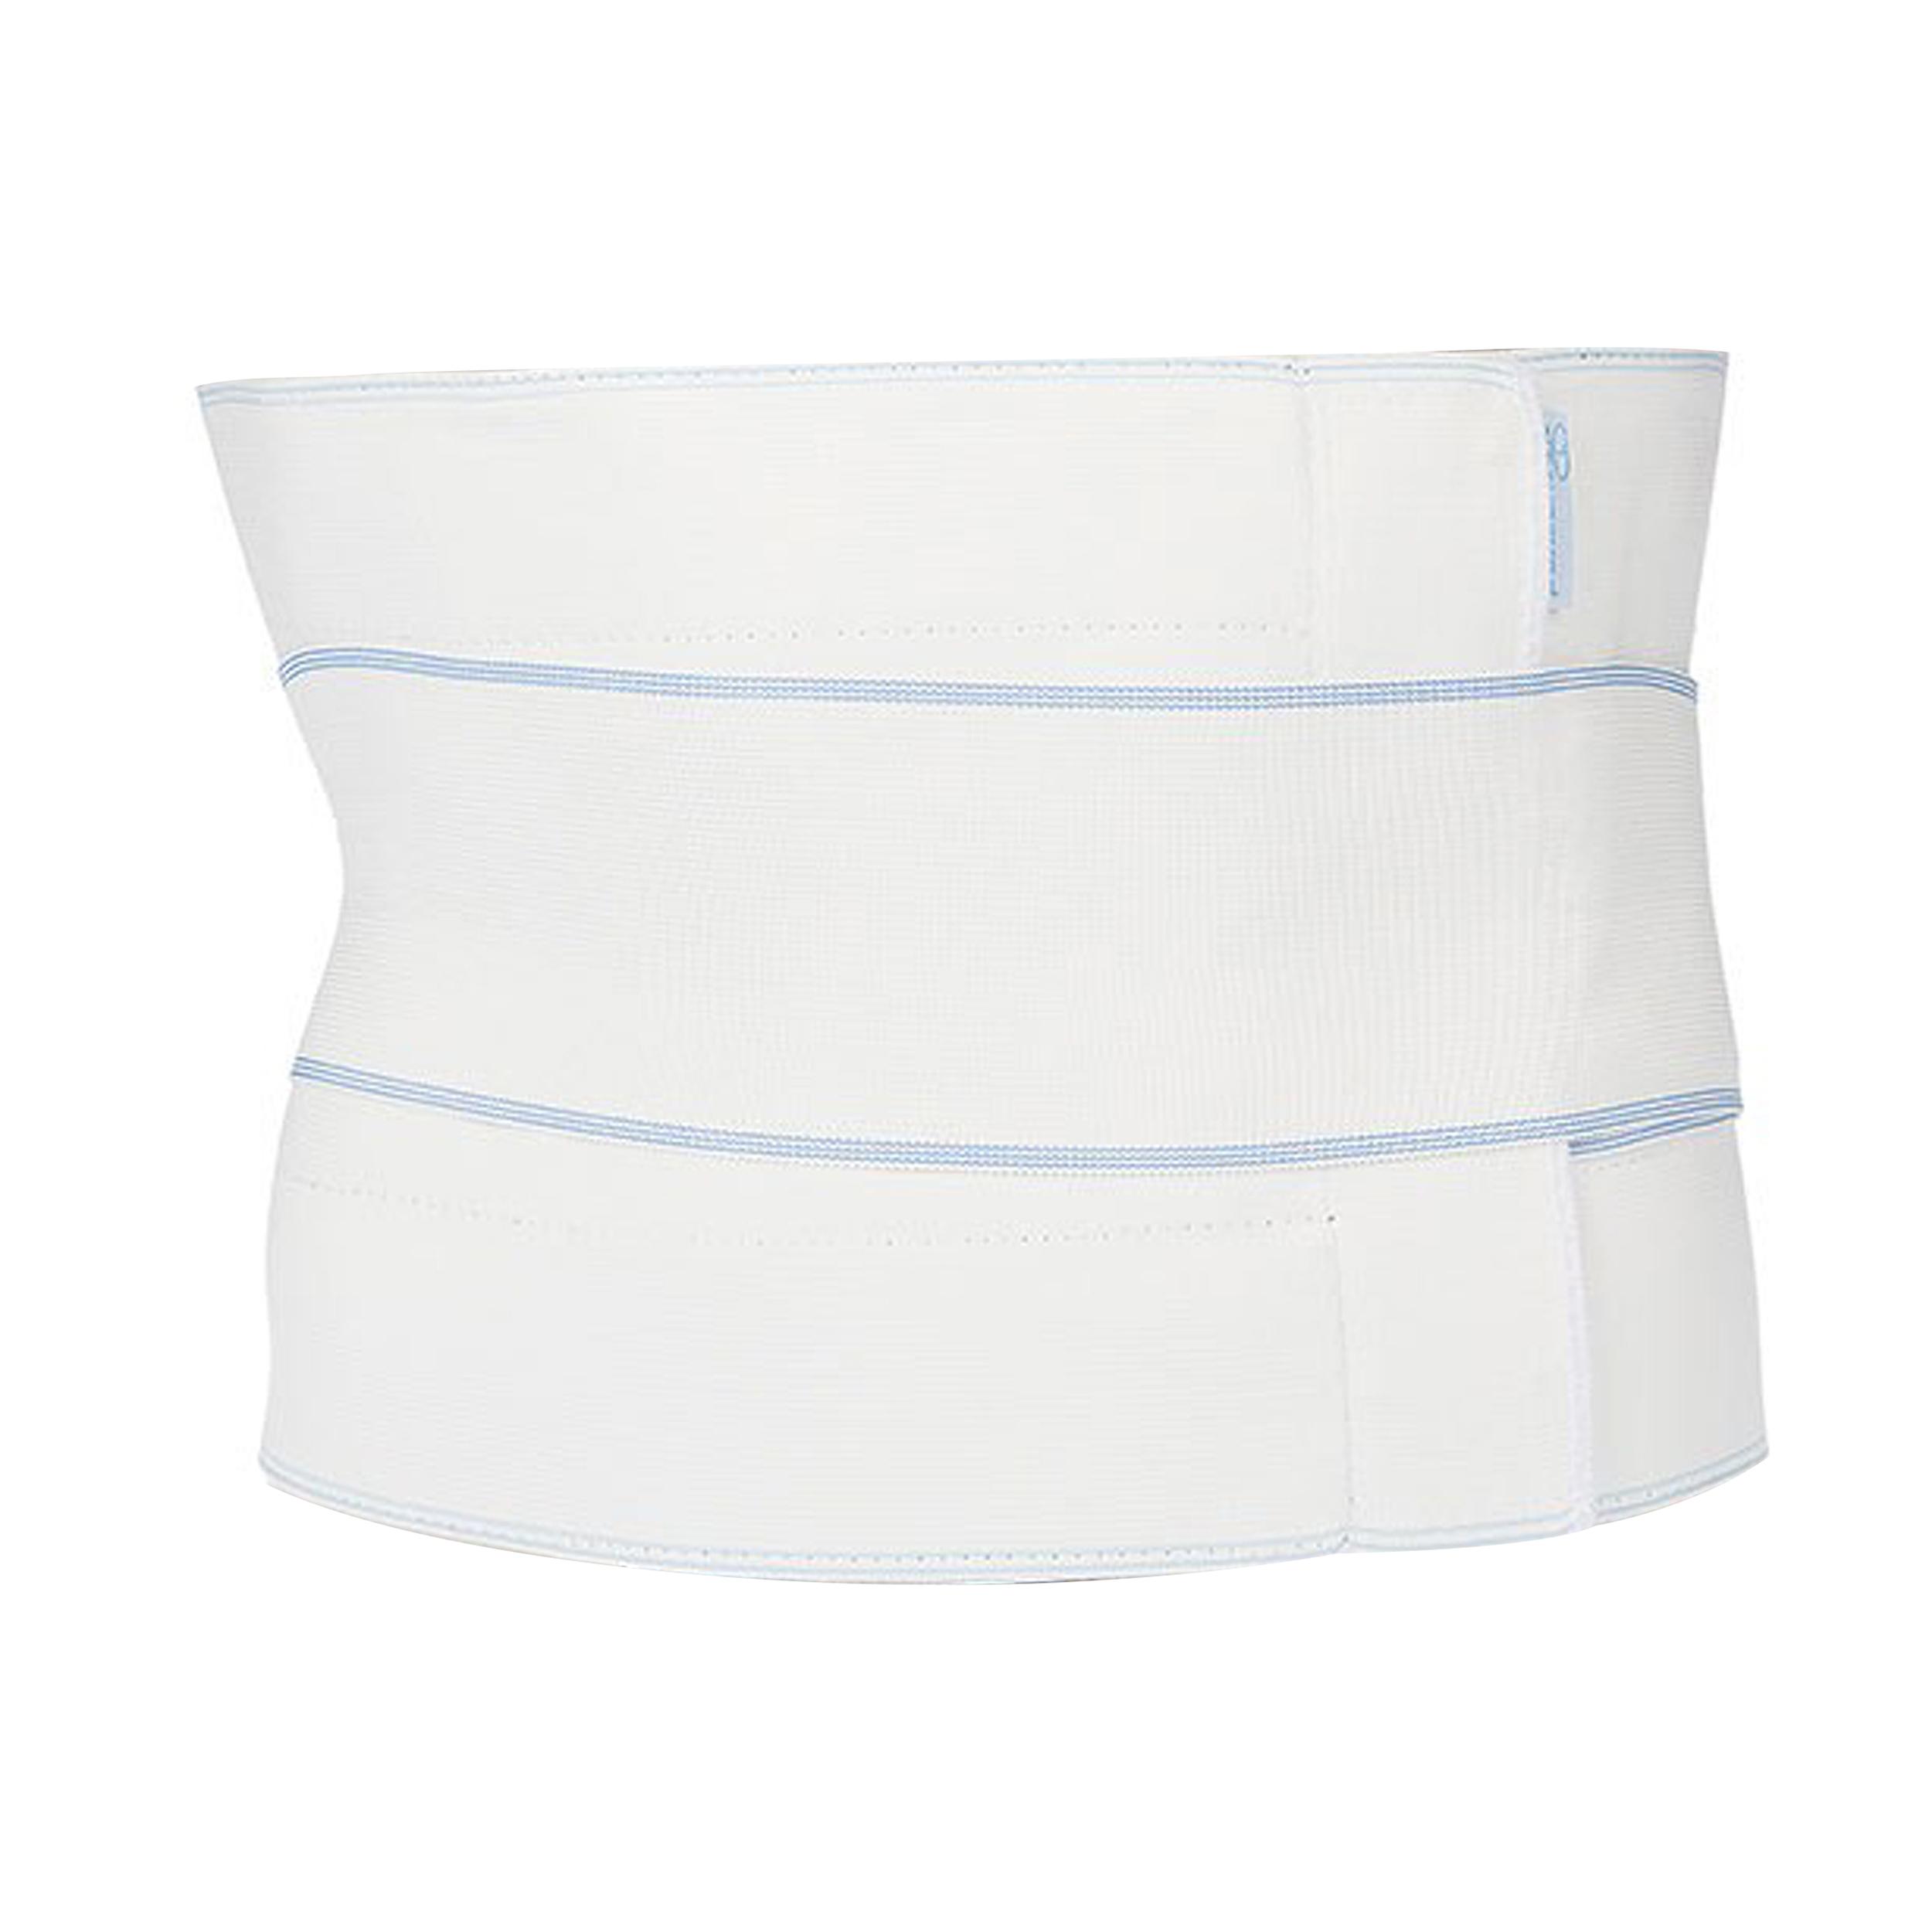 شکم بند لاغری پاک سمن مدل Simplex سایز بزرگ